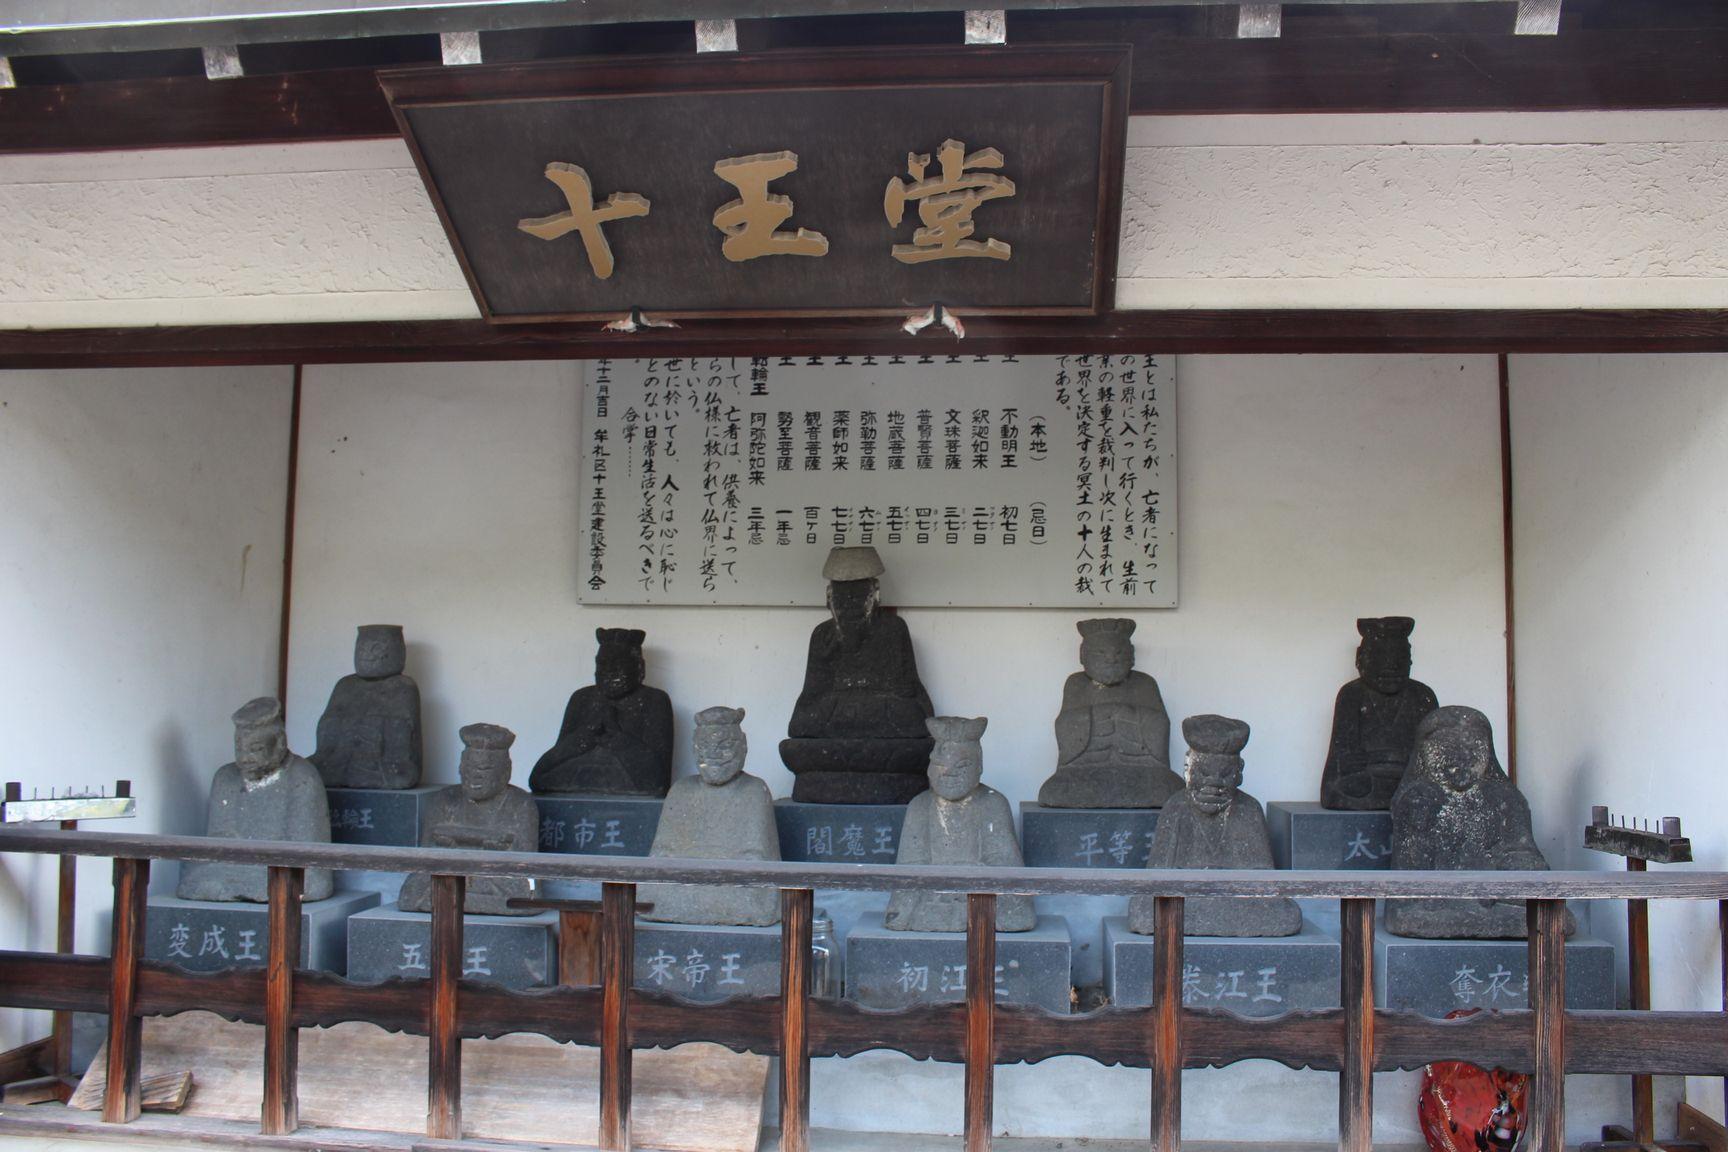 19十王堂(じゅうおうどう)